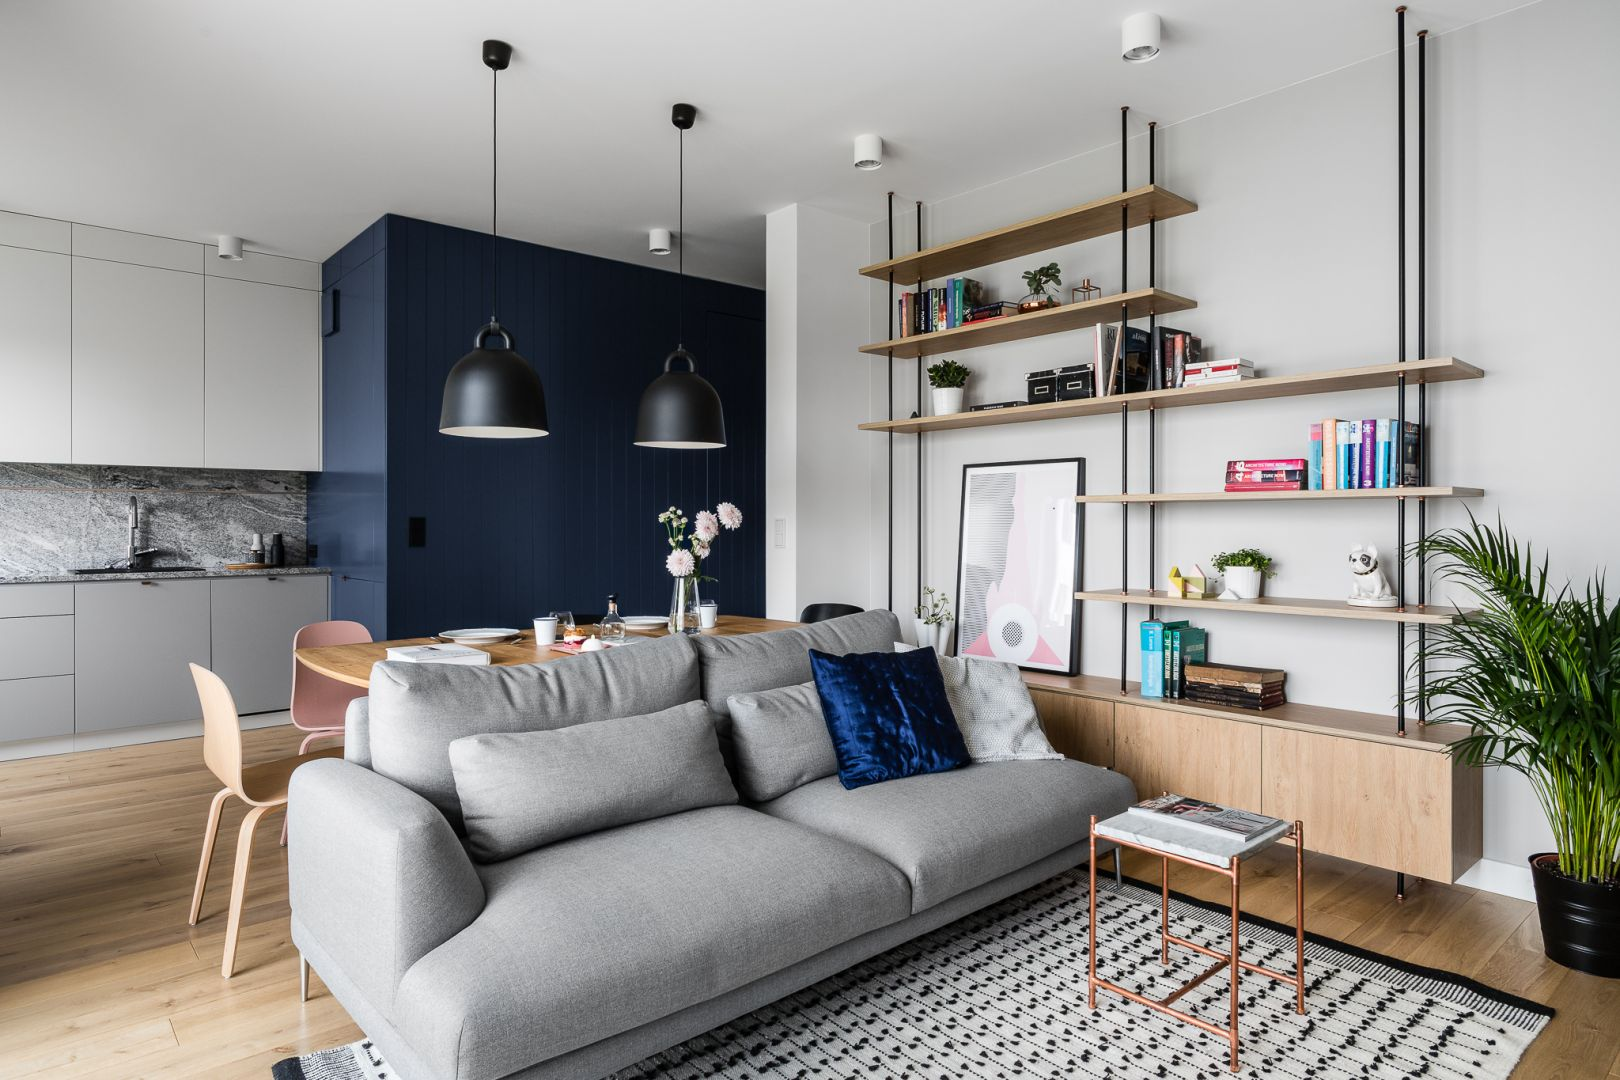 Pokój dzienny z kuchnią i jadalnią urządzony w skandynawskim stylu. Sofa to model Classic marki Comforty. Autorzy projektu: Raca Architekci. Zdjęcia: foto&mohito